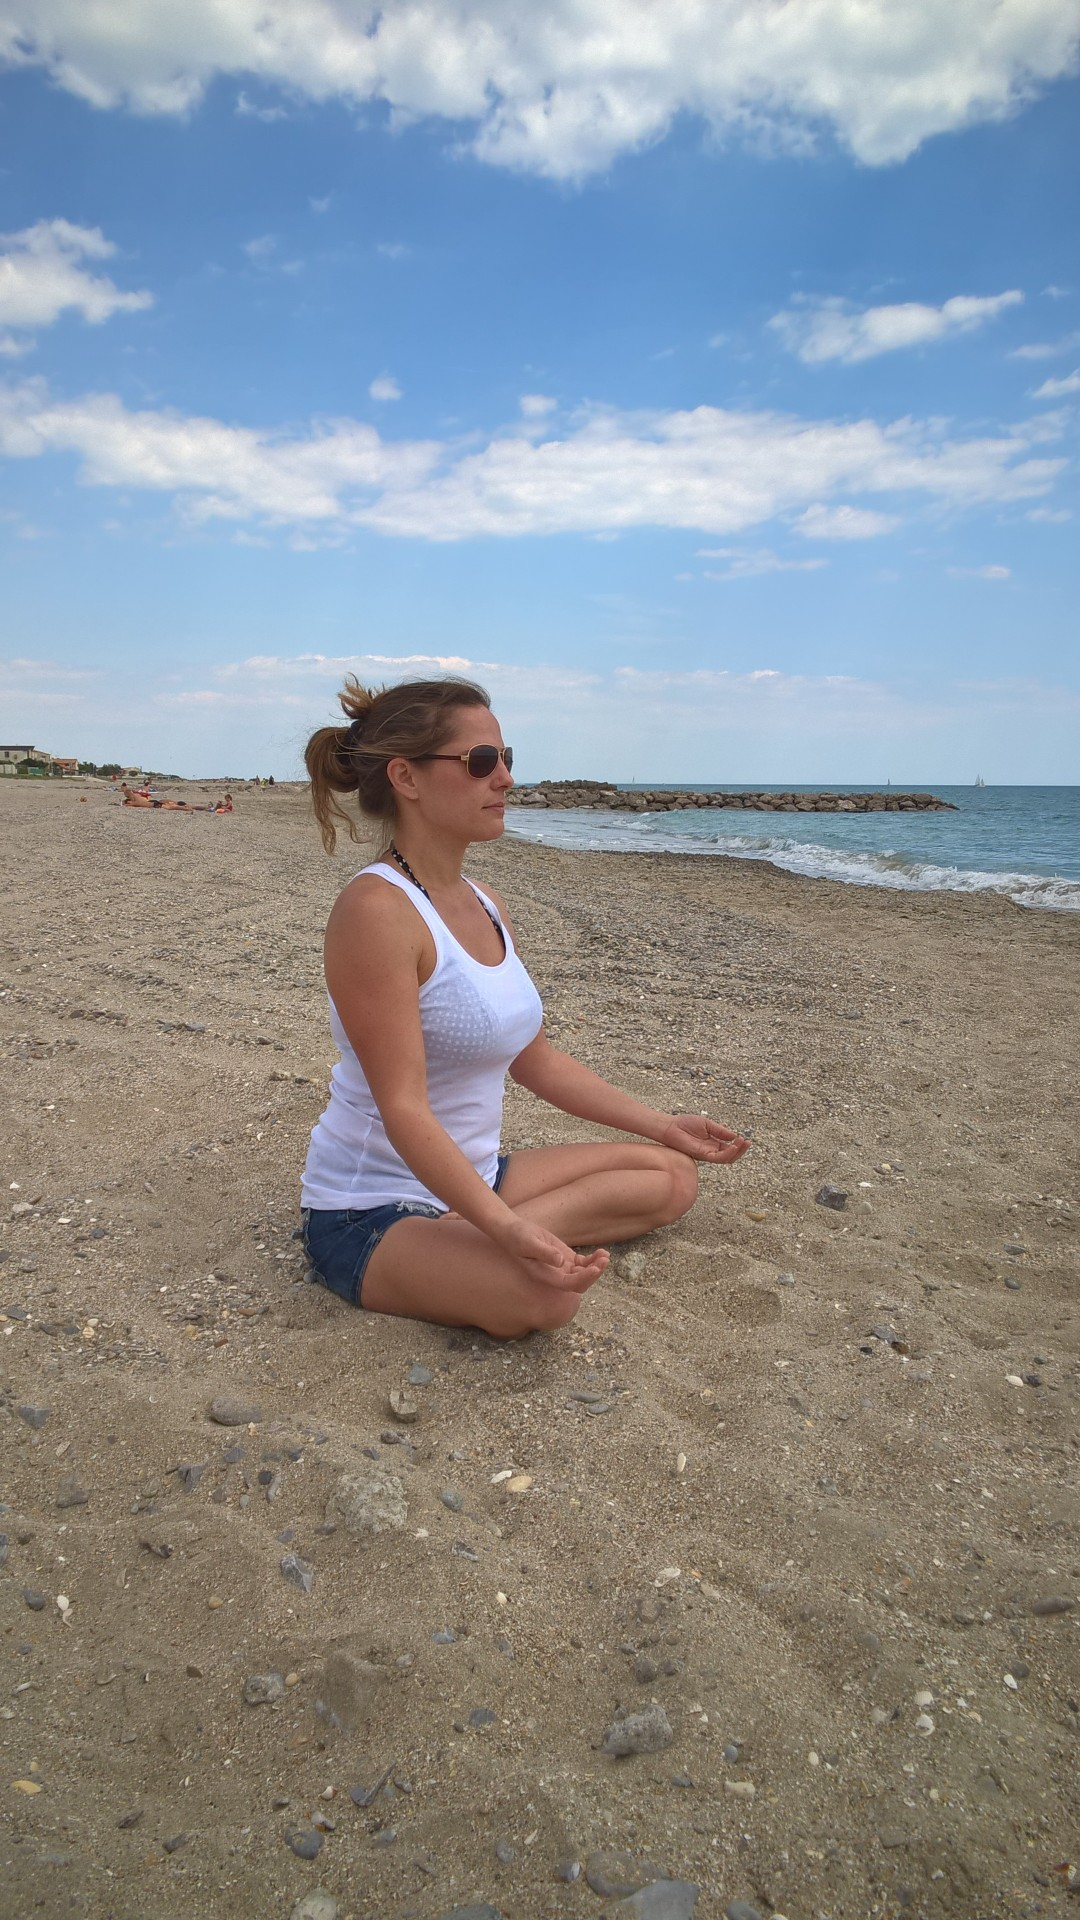 Celine bruchet yoga